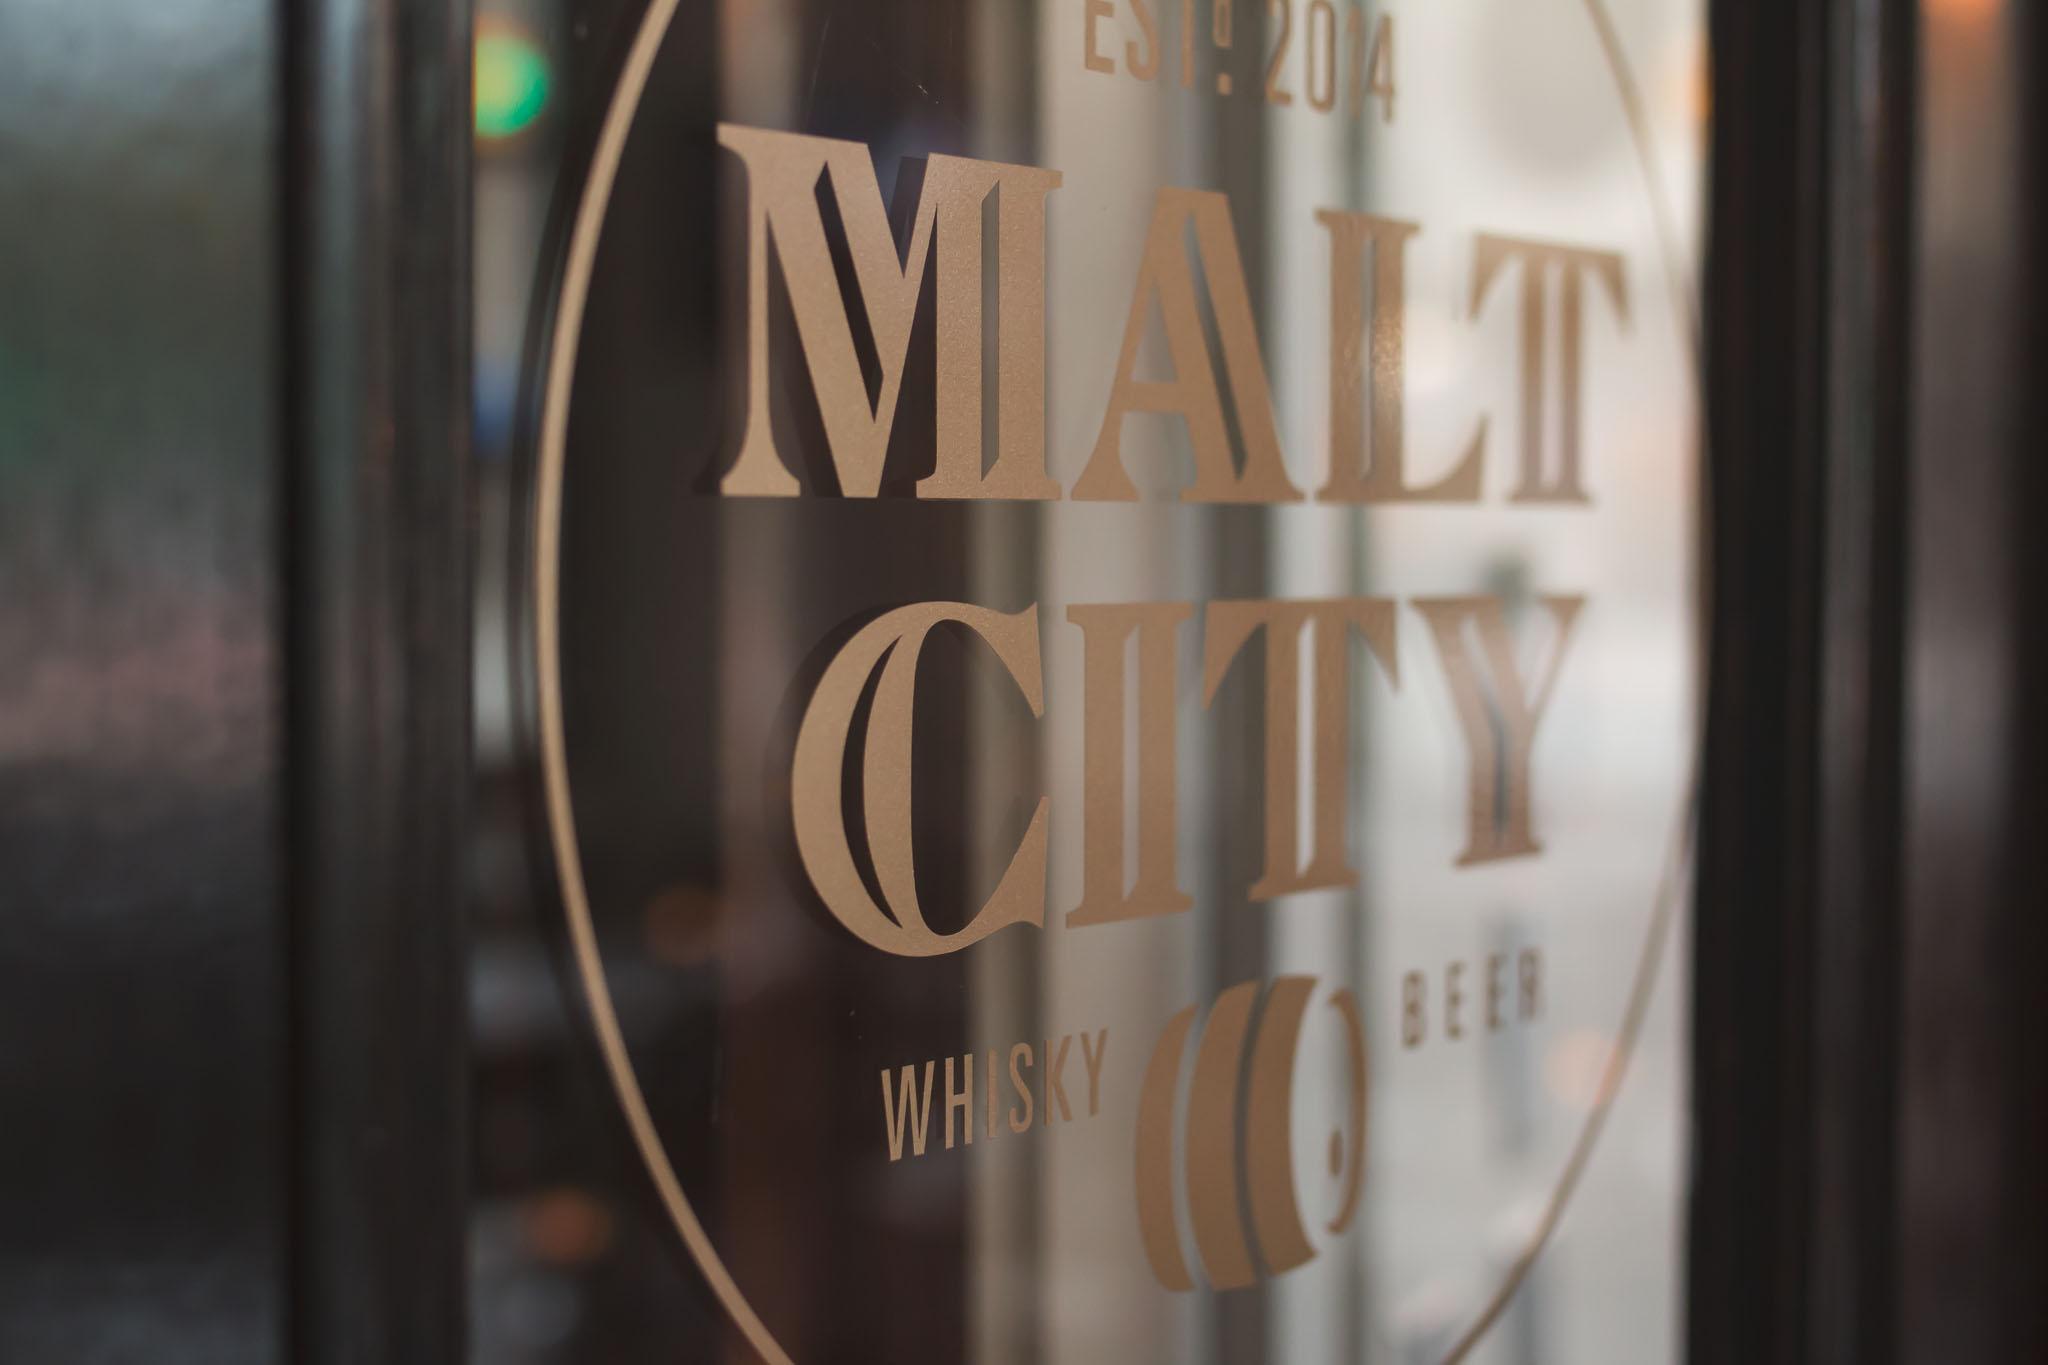 Malt City Whisky & Beer